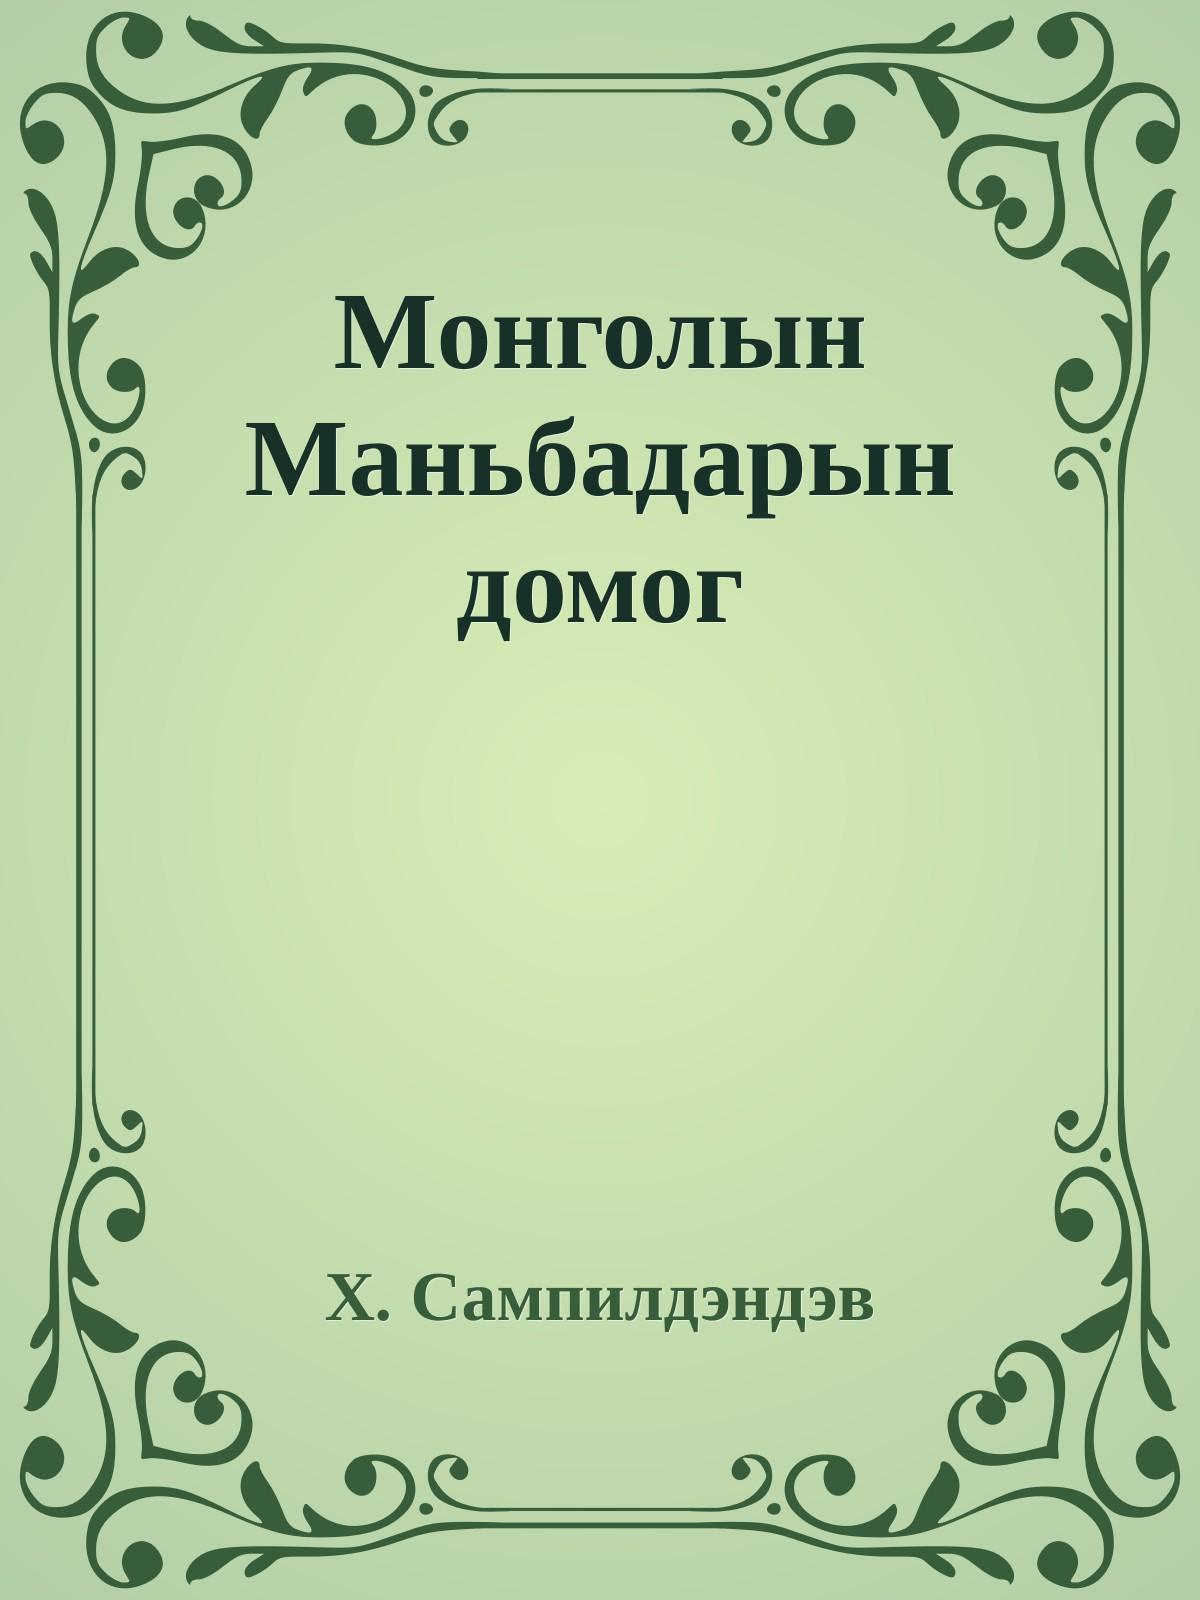 МОНГОЛЫН МАНЬБАДАРЫН ДОМОГ